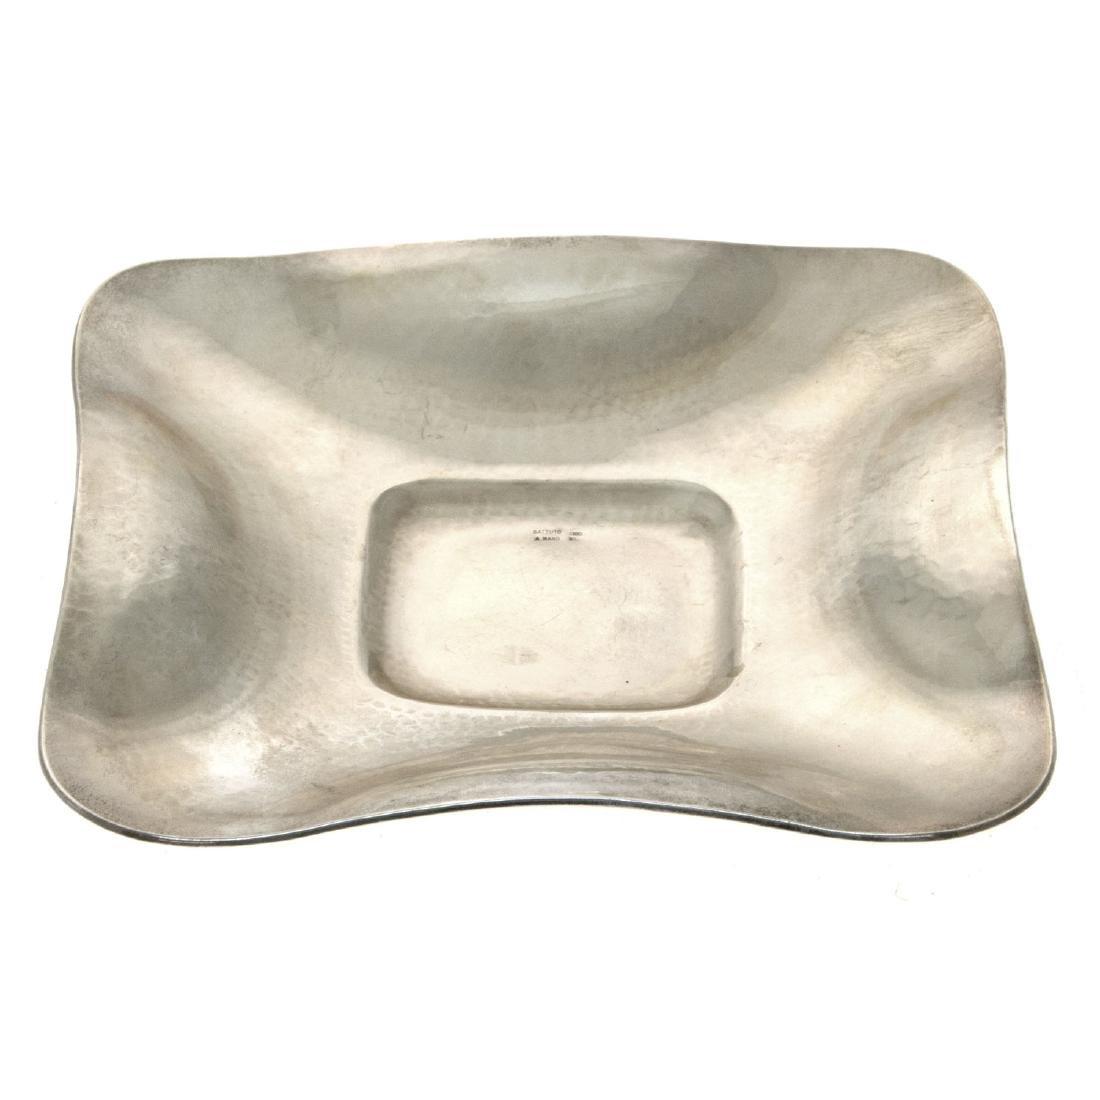 Italian Silver Tray.